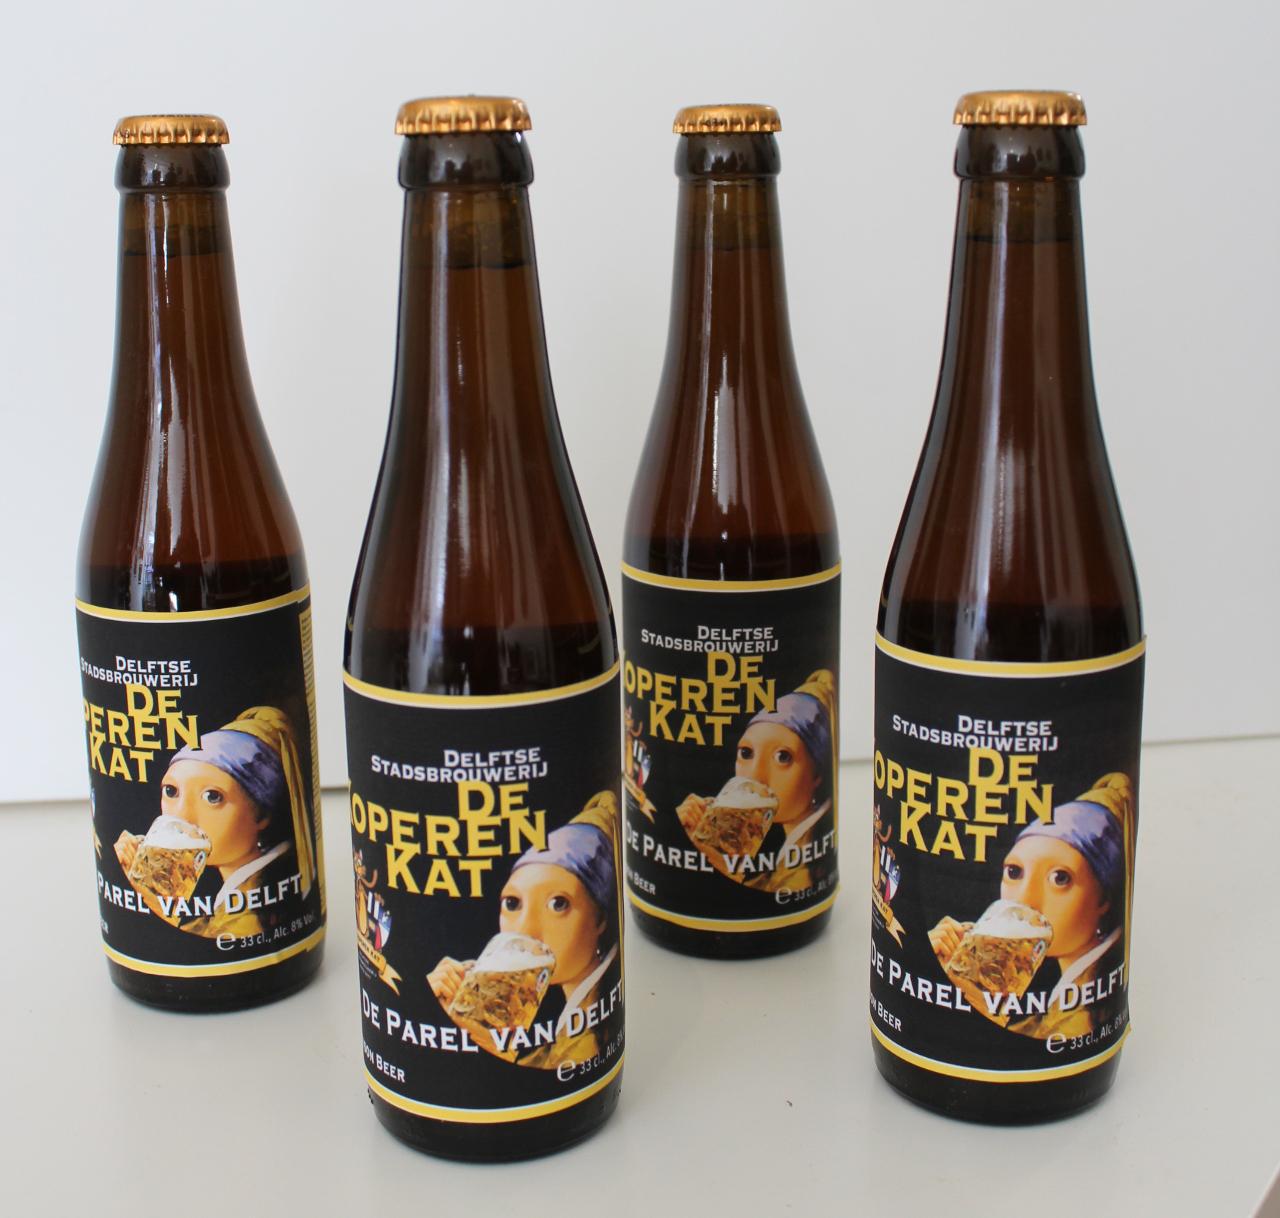 De Parel van Delft - Bier van de maand